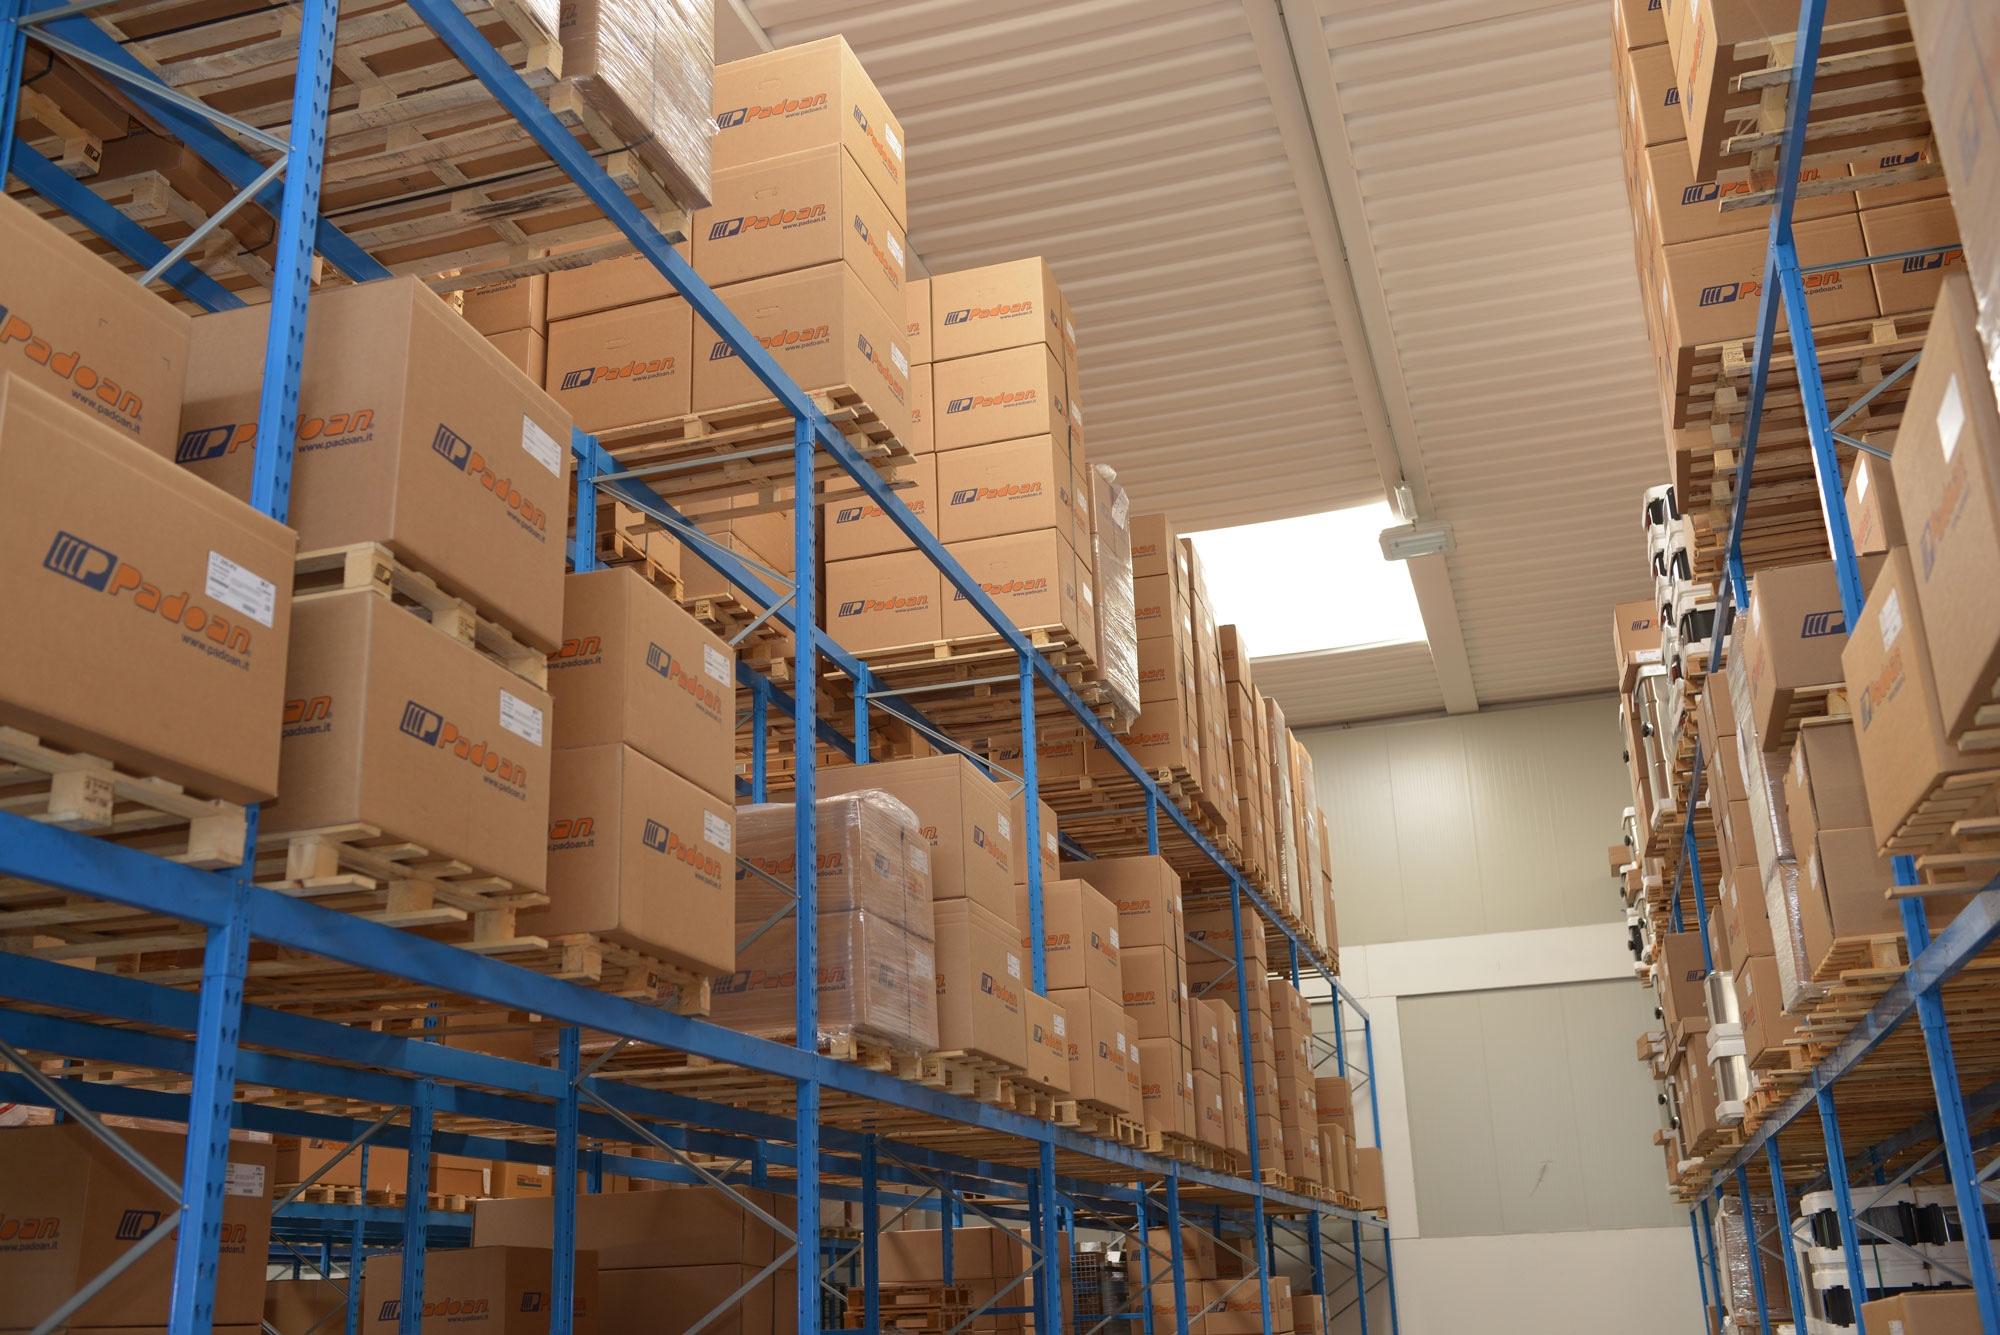 Actual warehouse